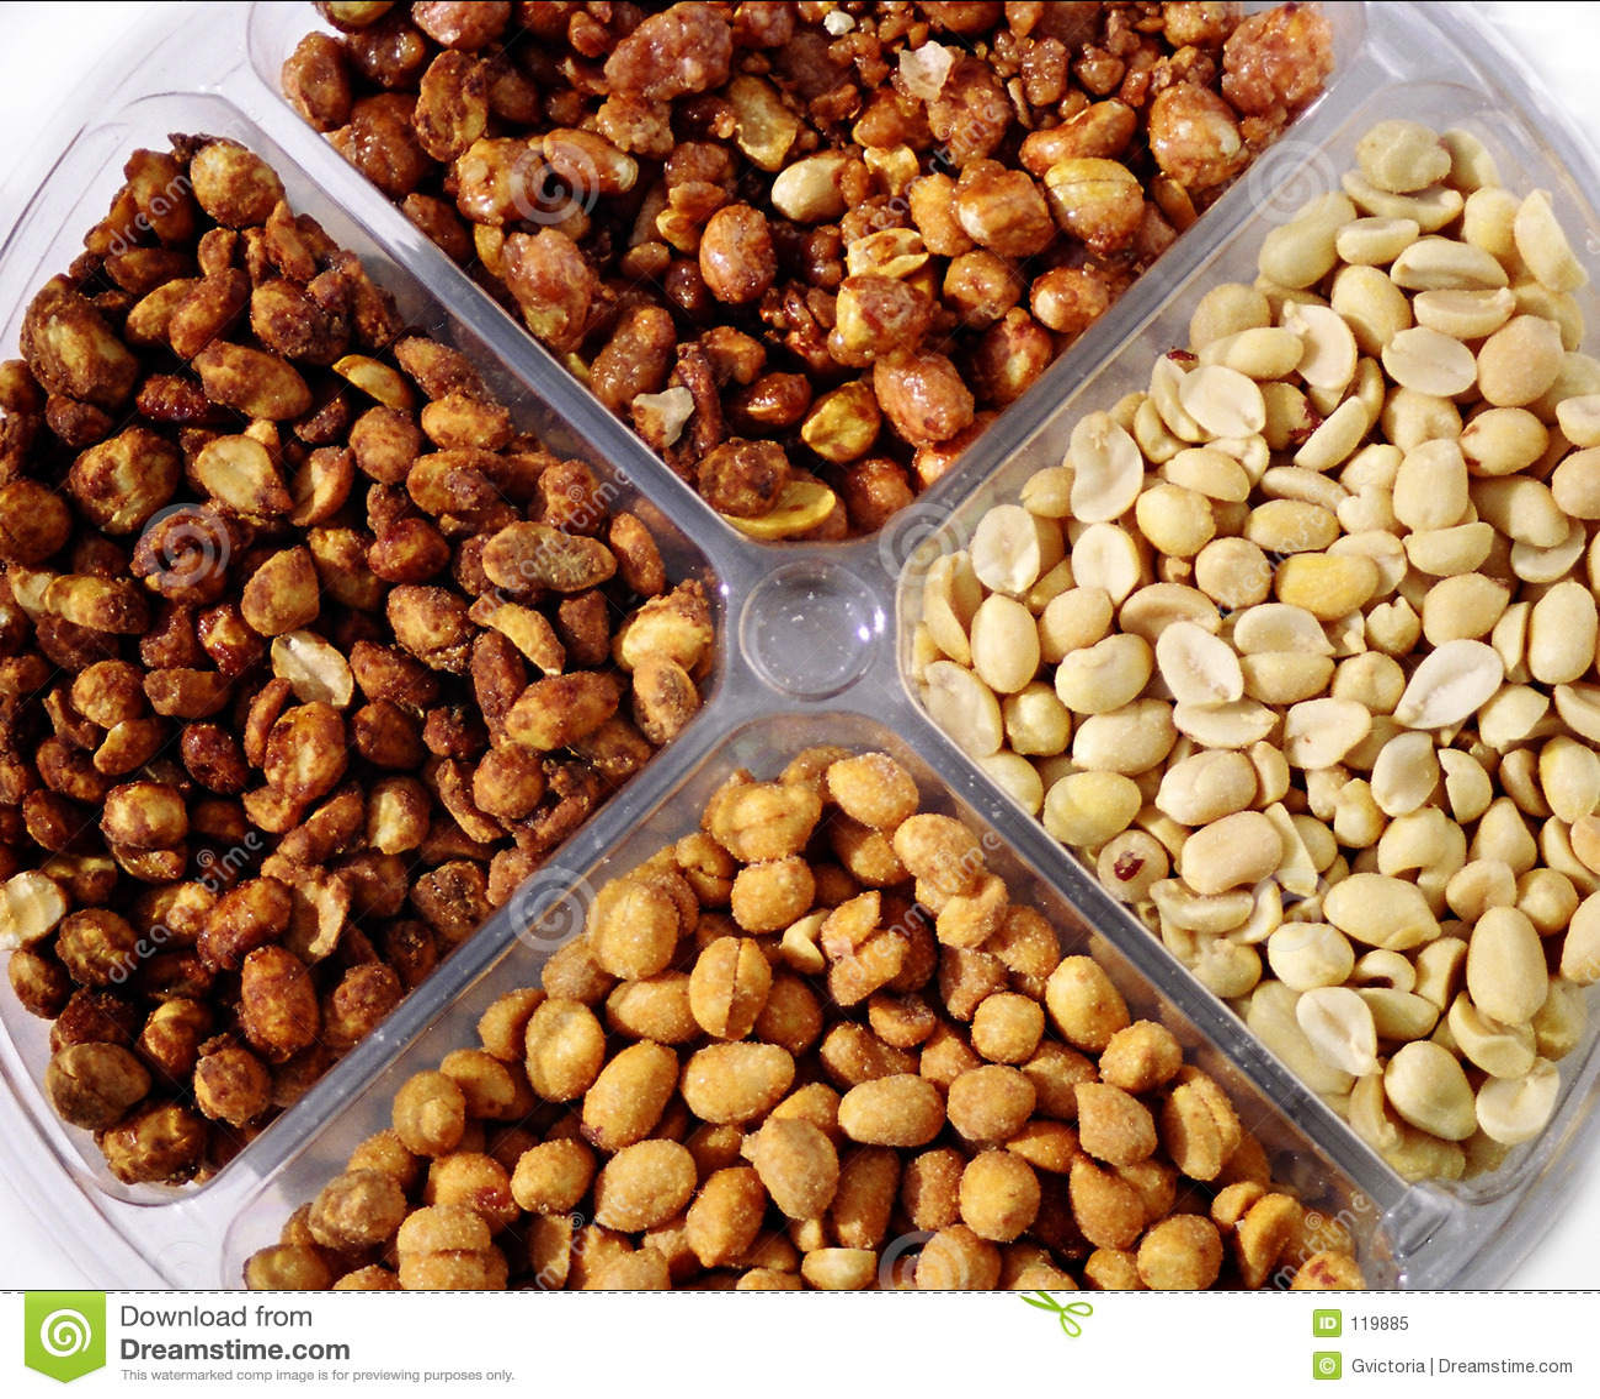 Peanut platter